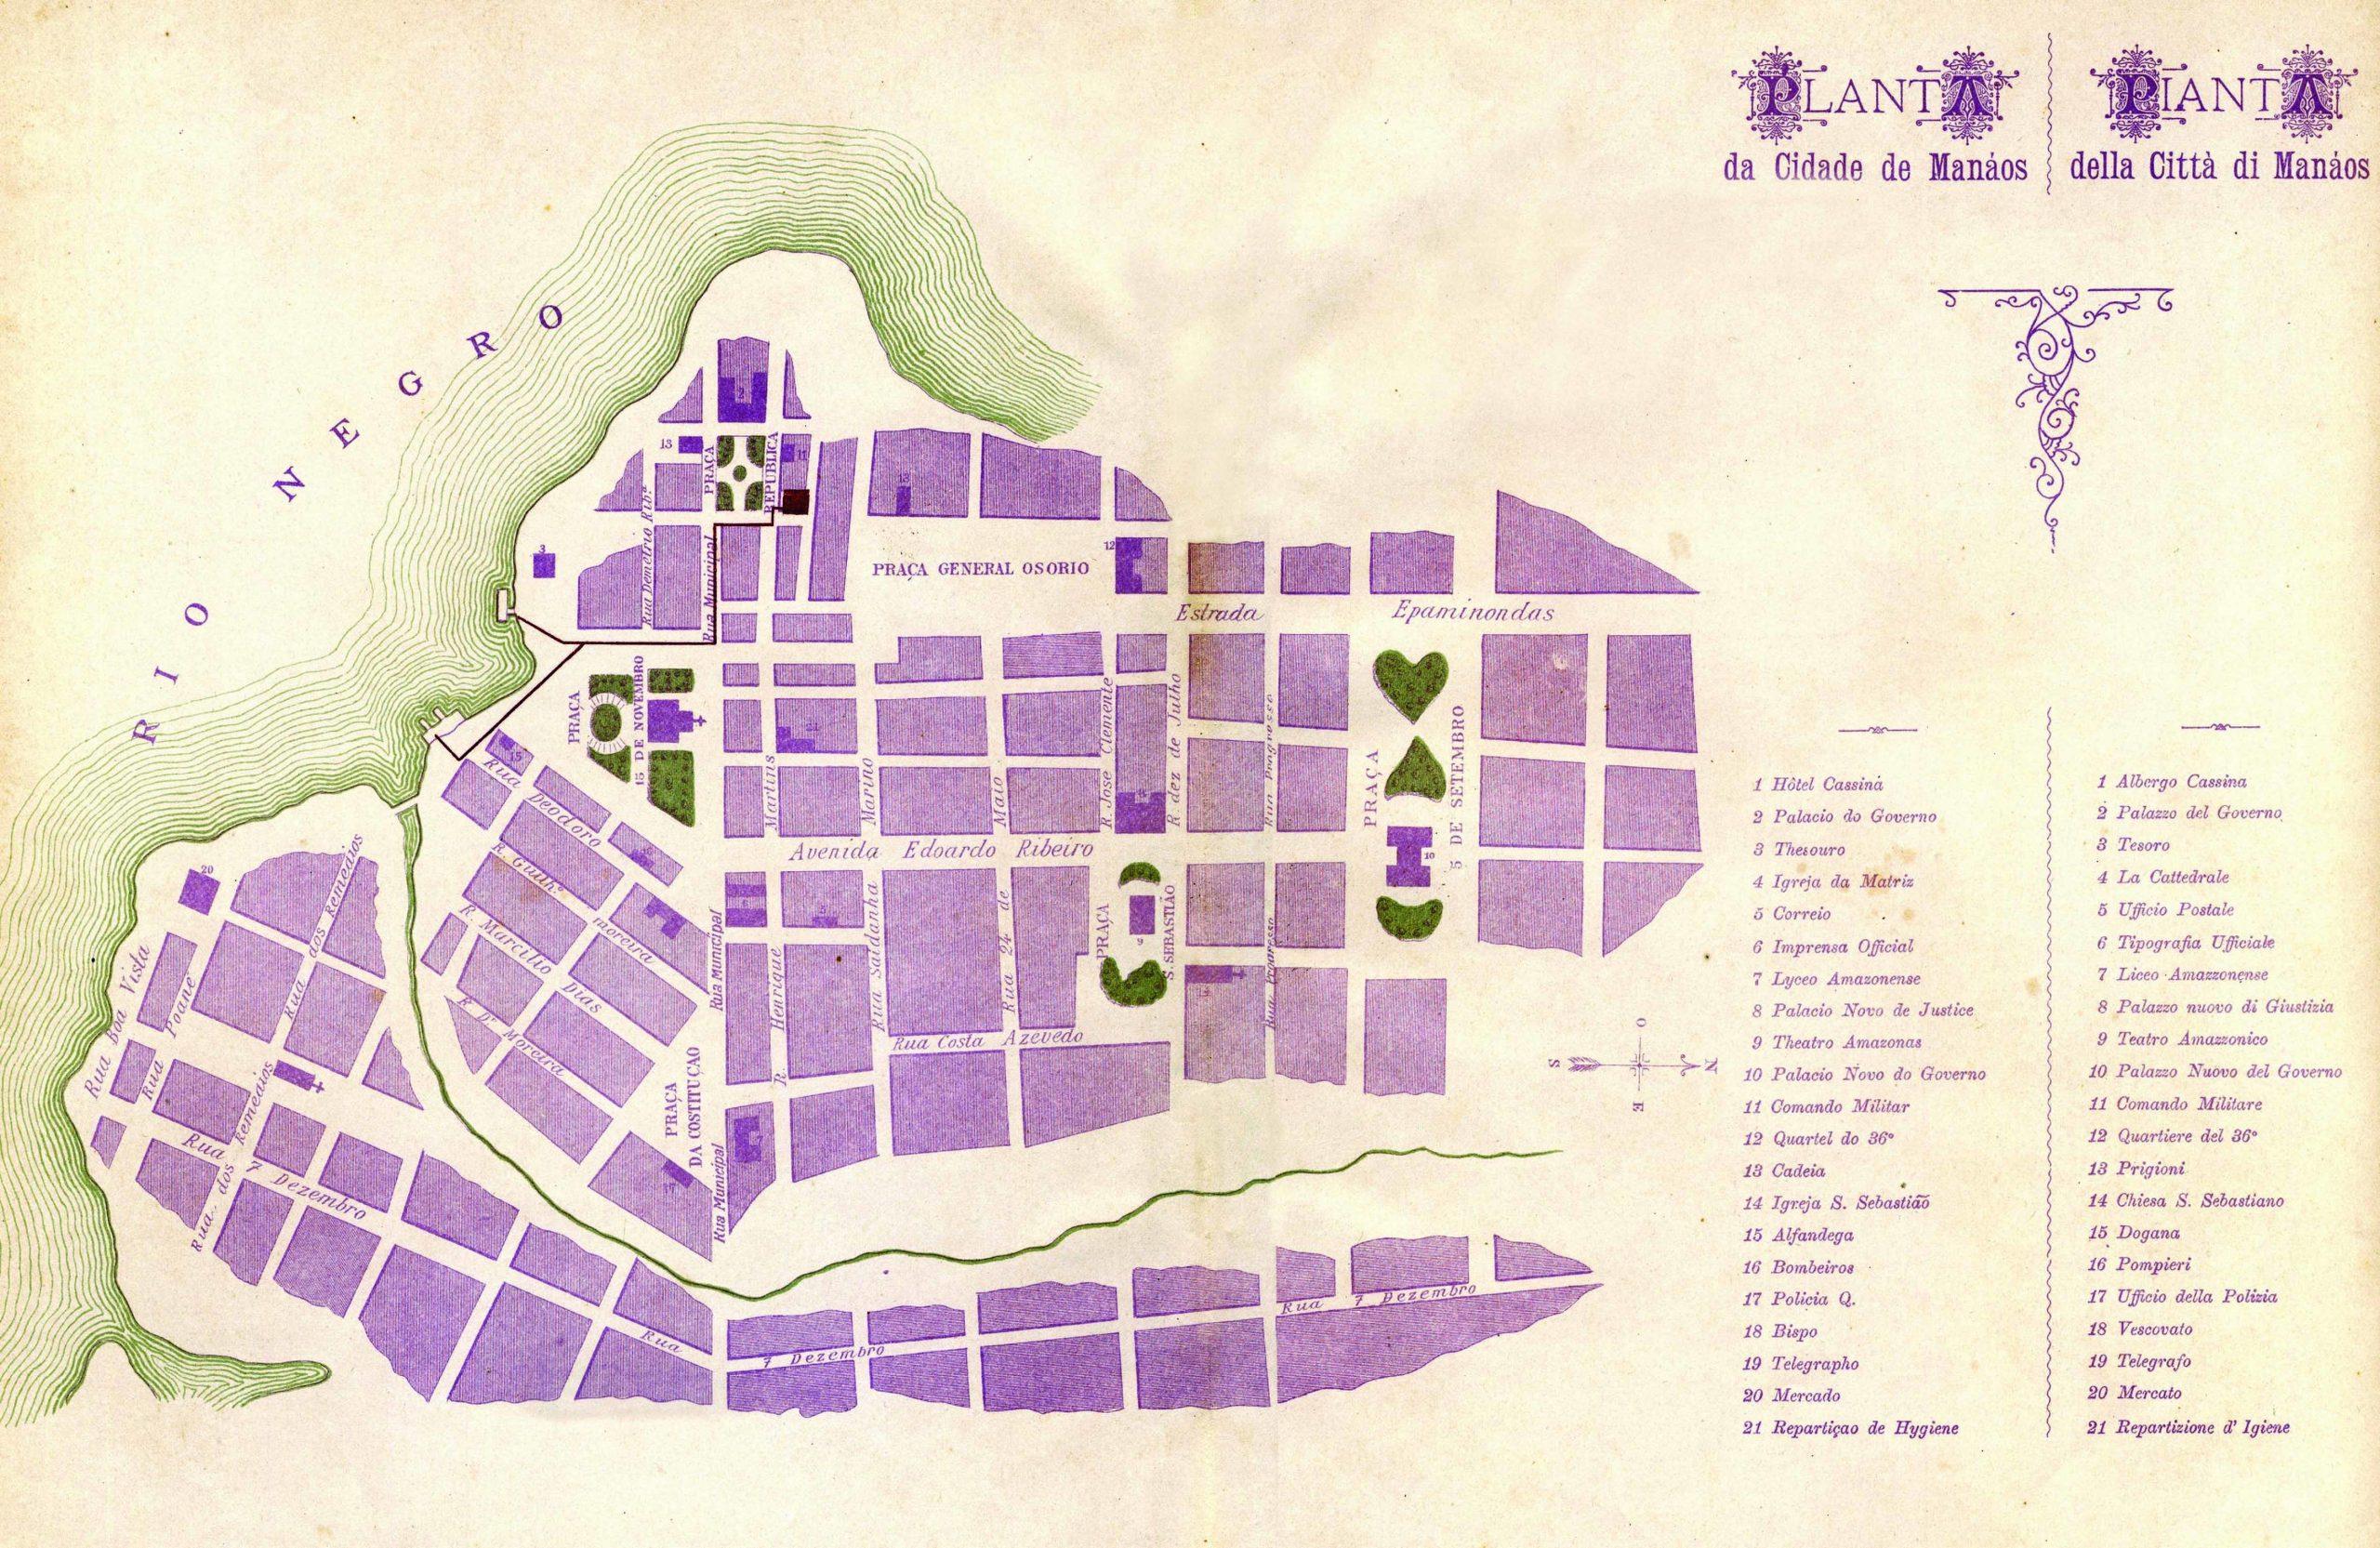 Planta da Cidade de Manáos 1899